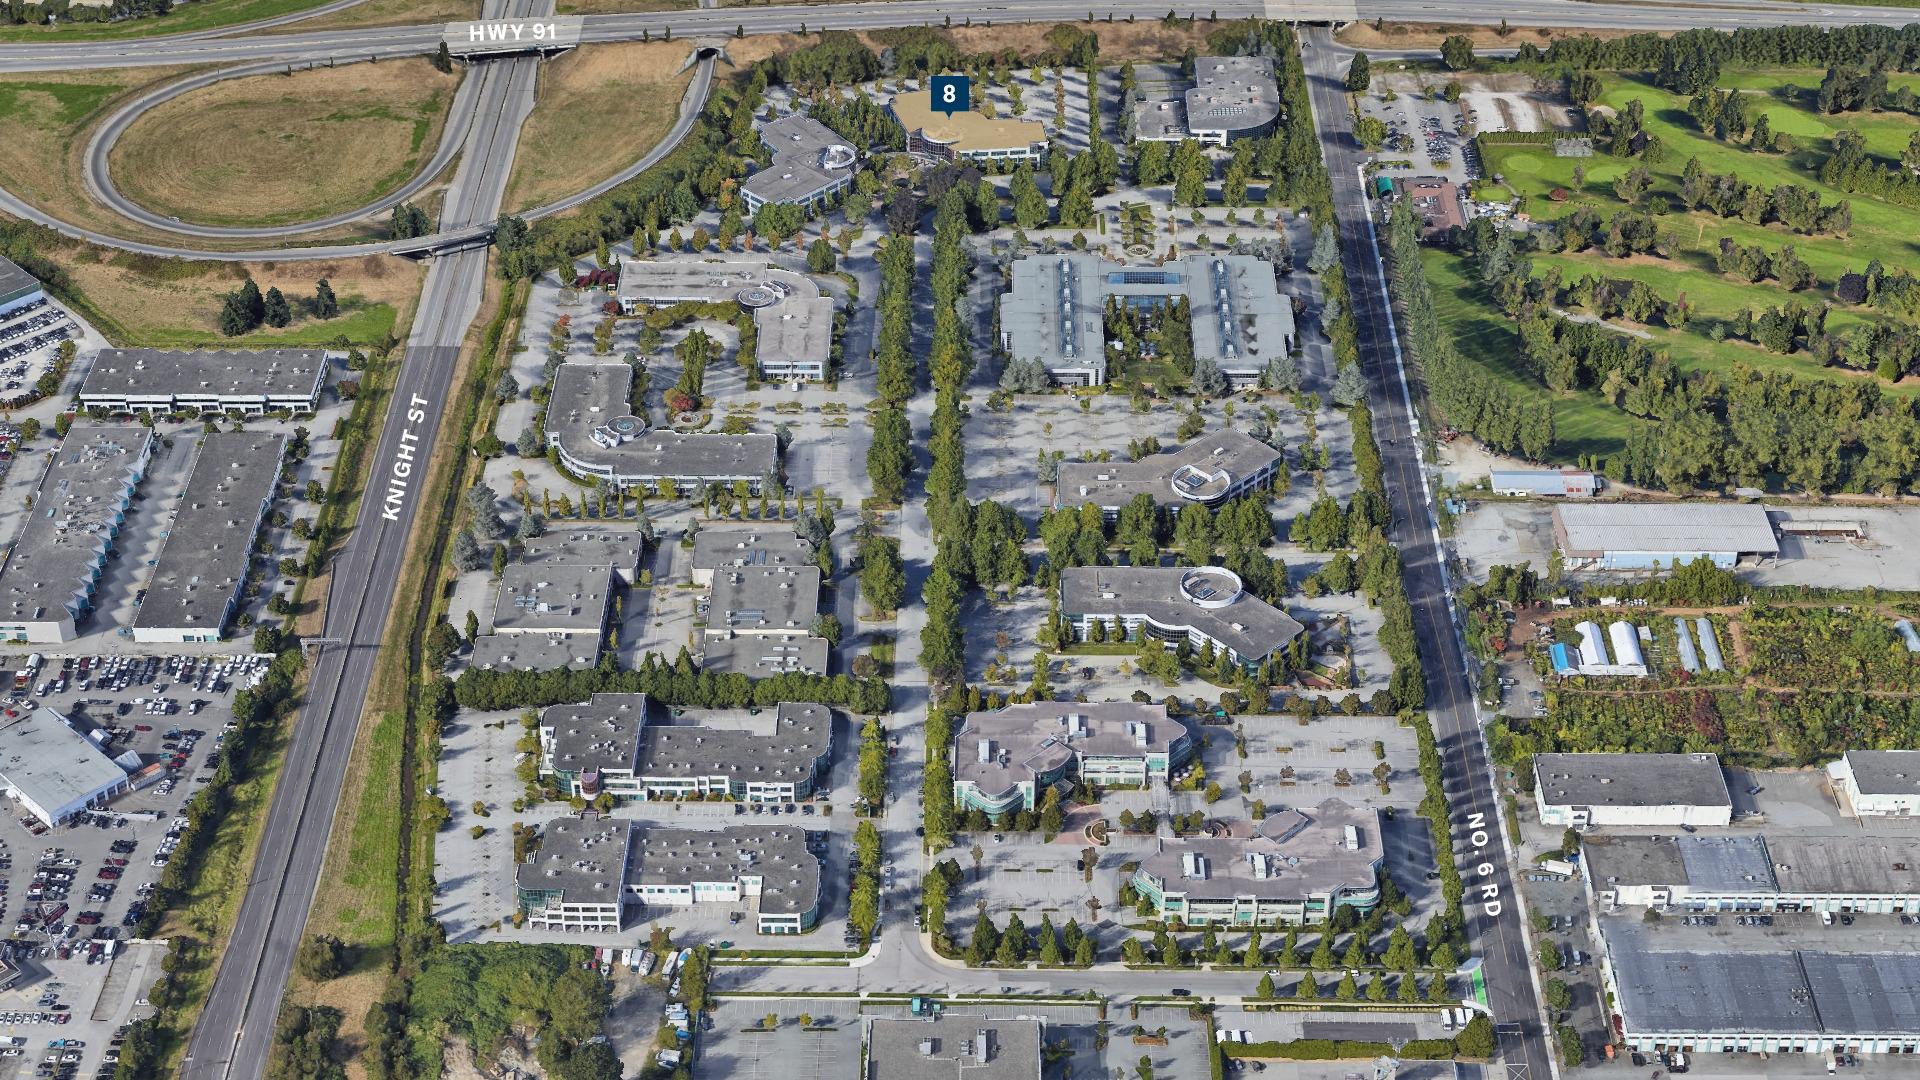 https://i1.wp.com/crestwoodcorporatecentre.com/wp-content/uploads/2021/07/Crestwood-Corporate-Centre-Site-Plan-Building-8.jpg?fit=1920%2C1080&ssl=1